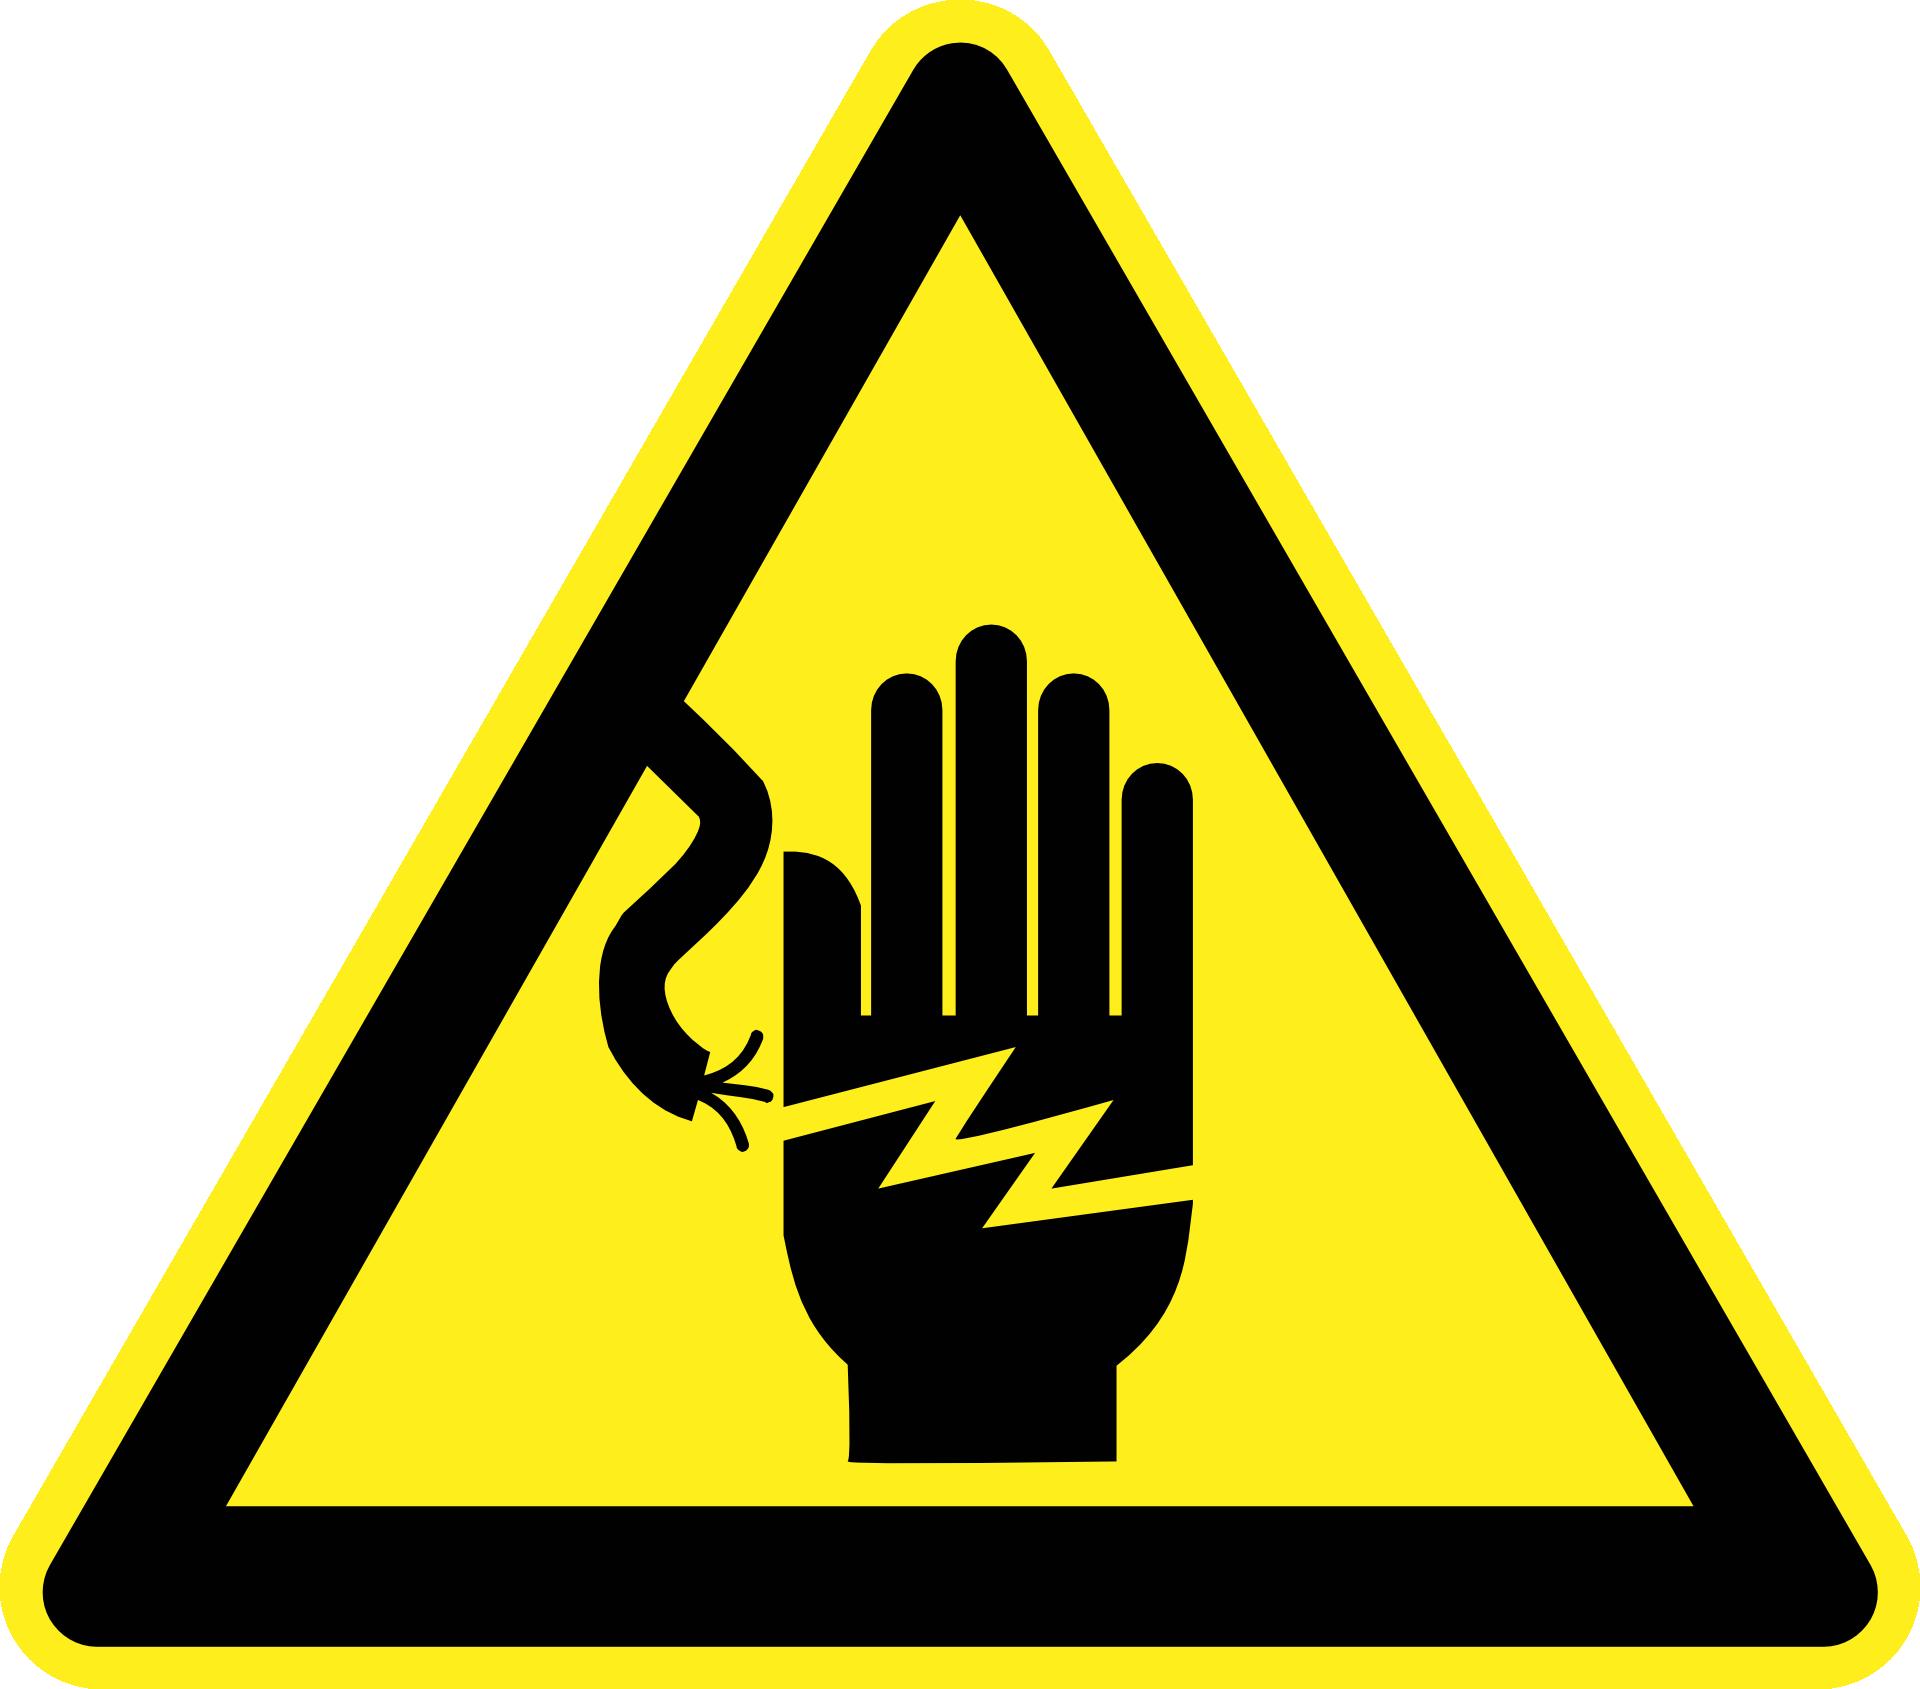 普段からできる漏電検査!家電を安全に使うための漏電対策法とは?